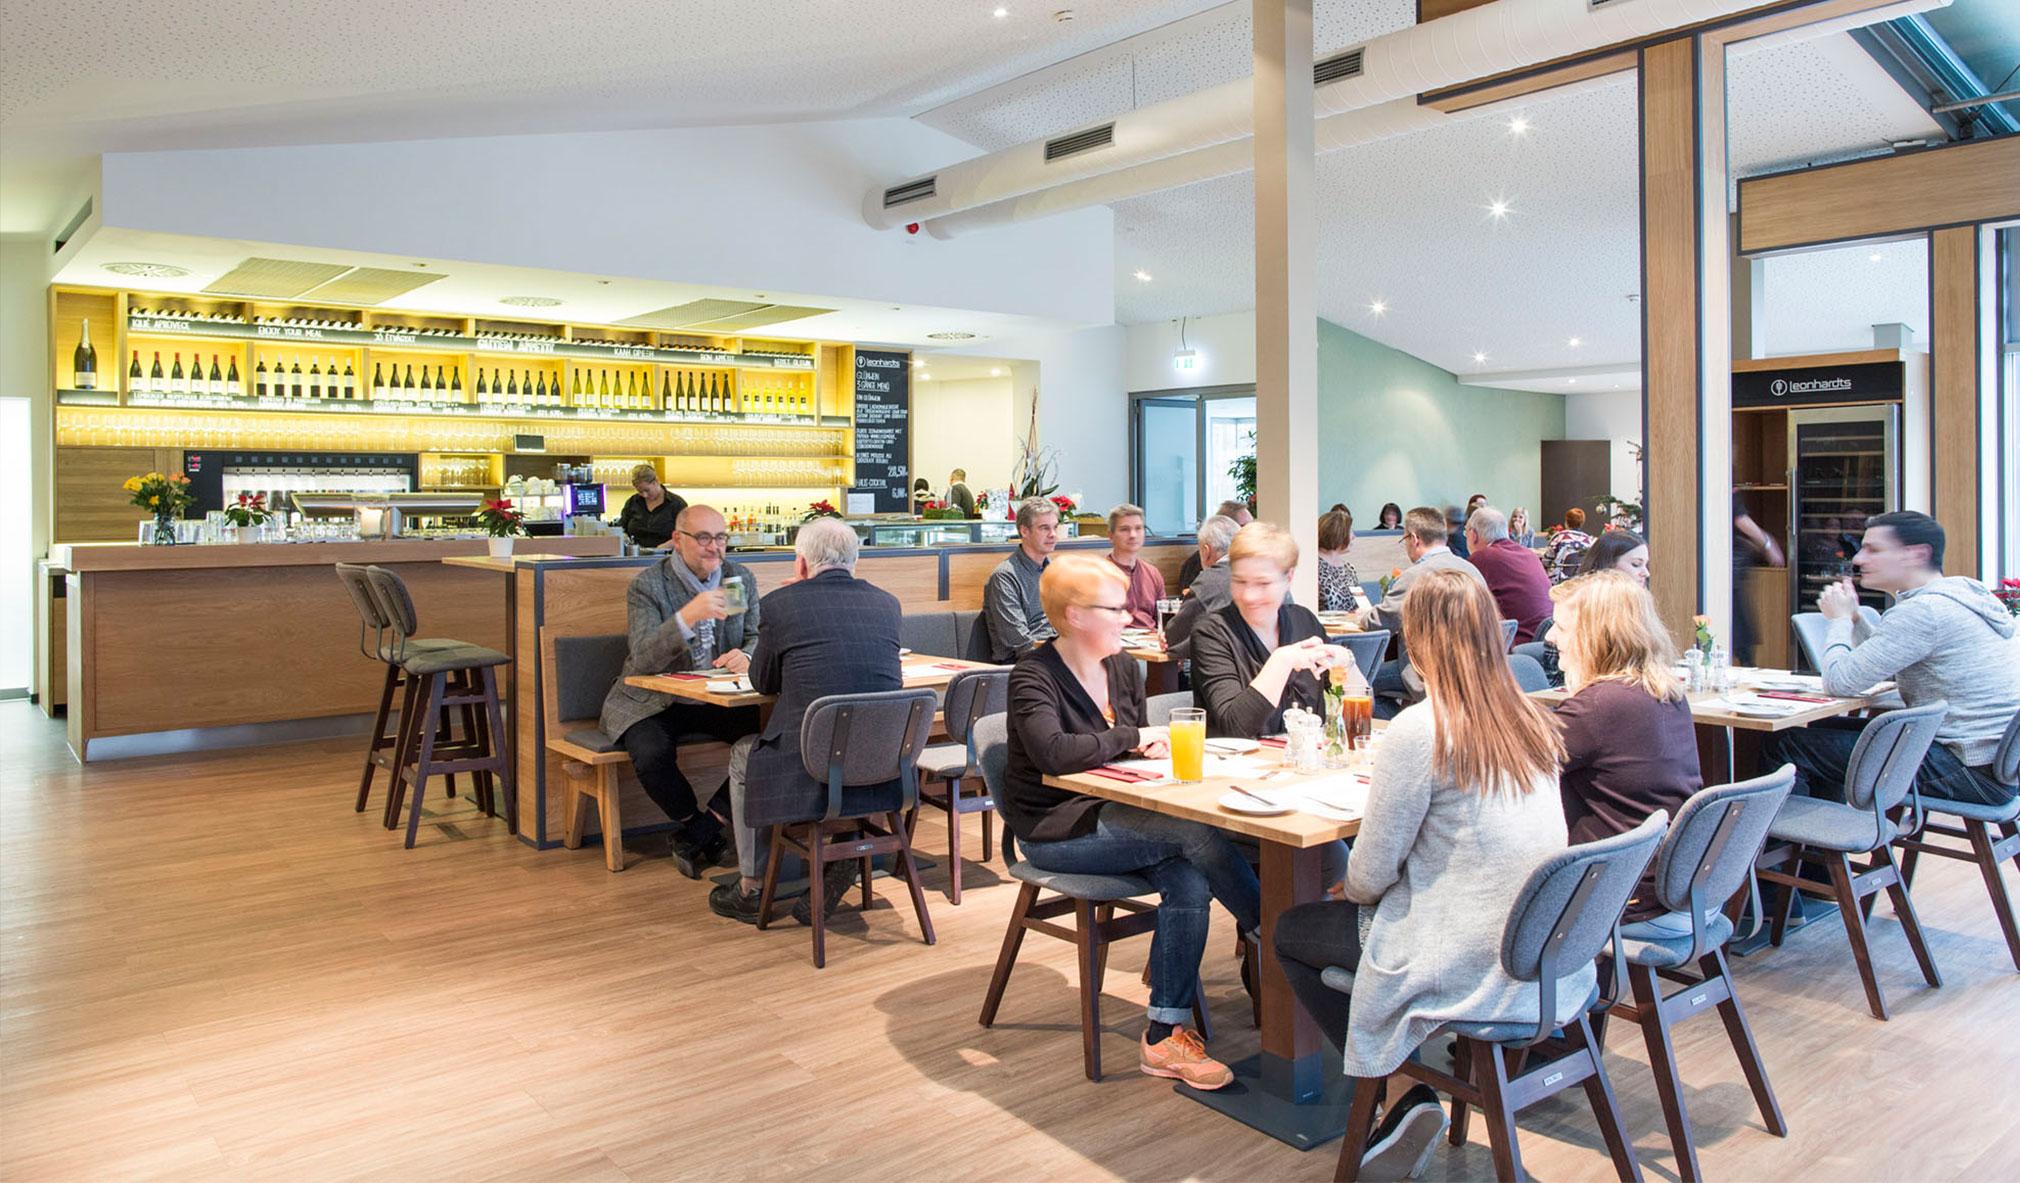 fernsehturm berlin restaurant reservierung